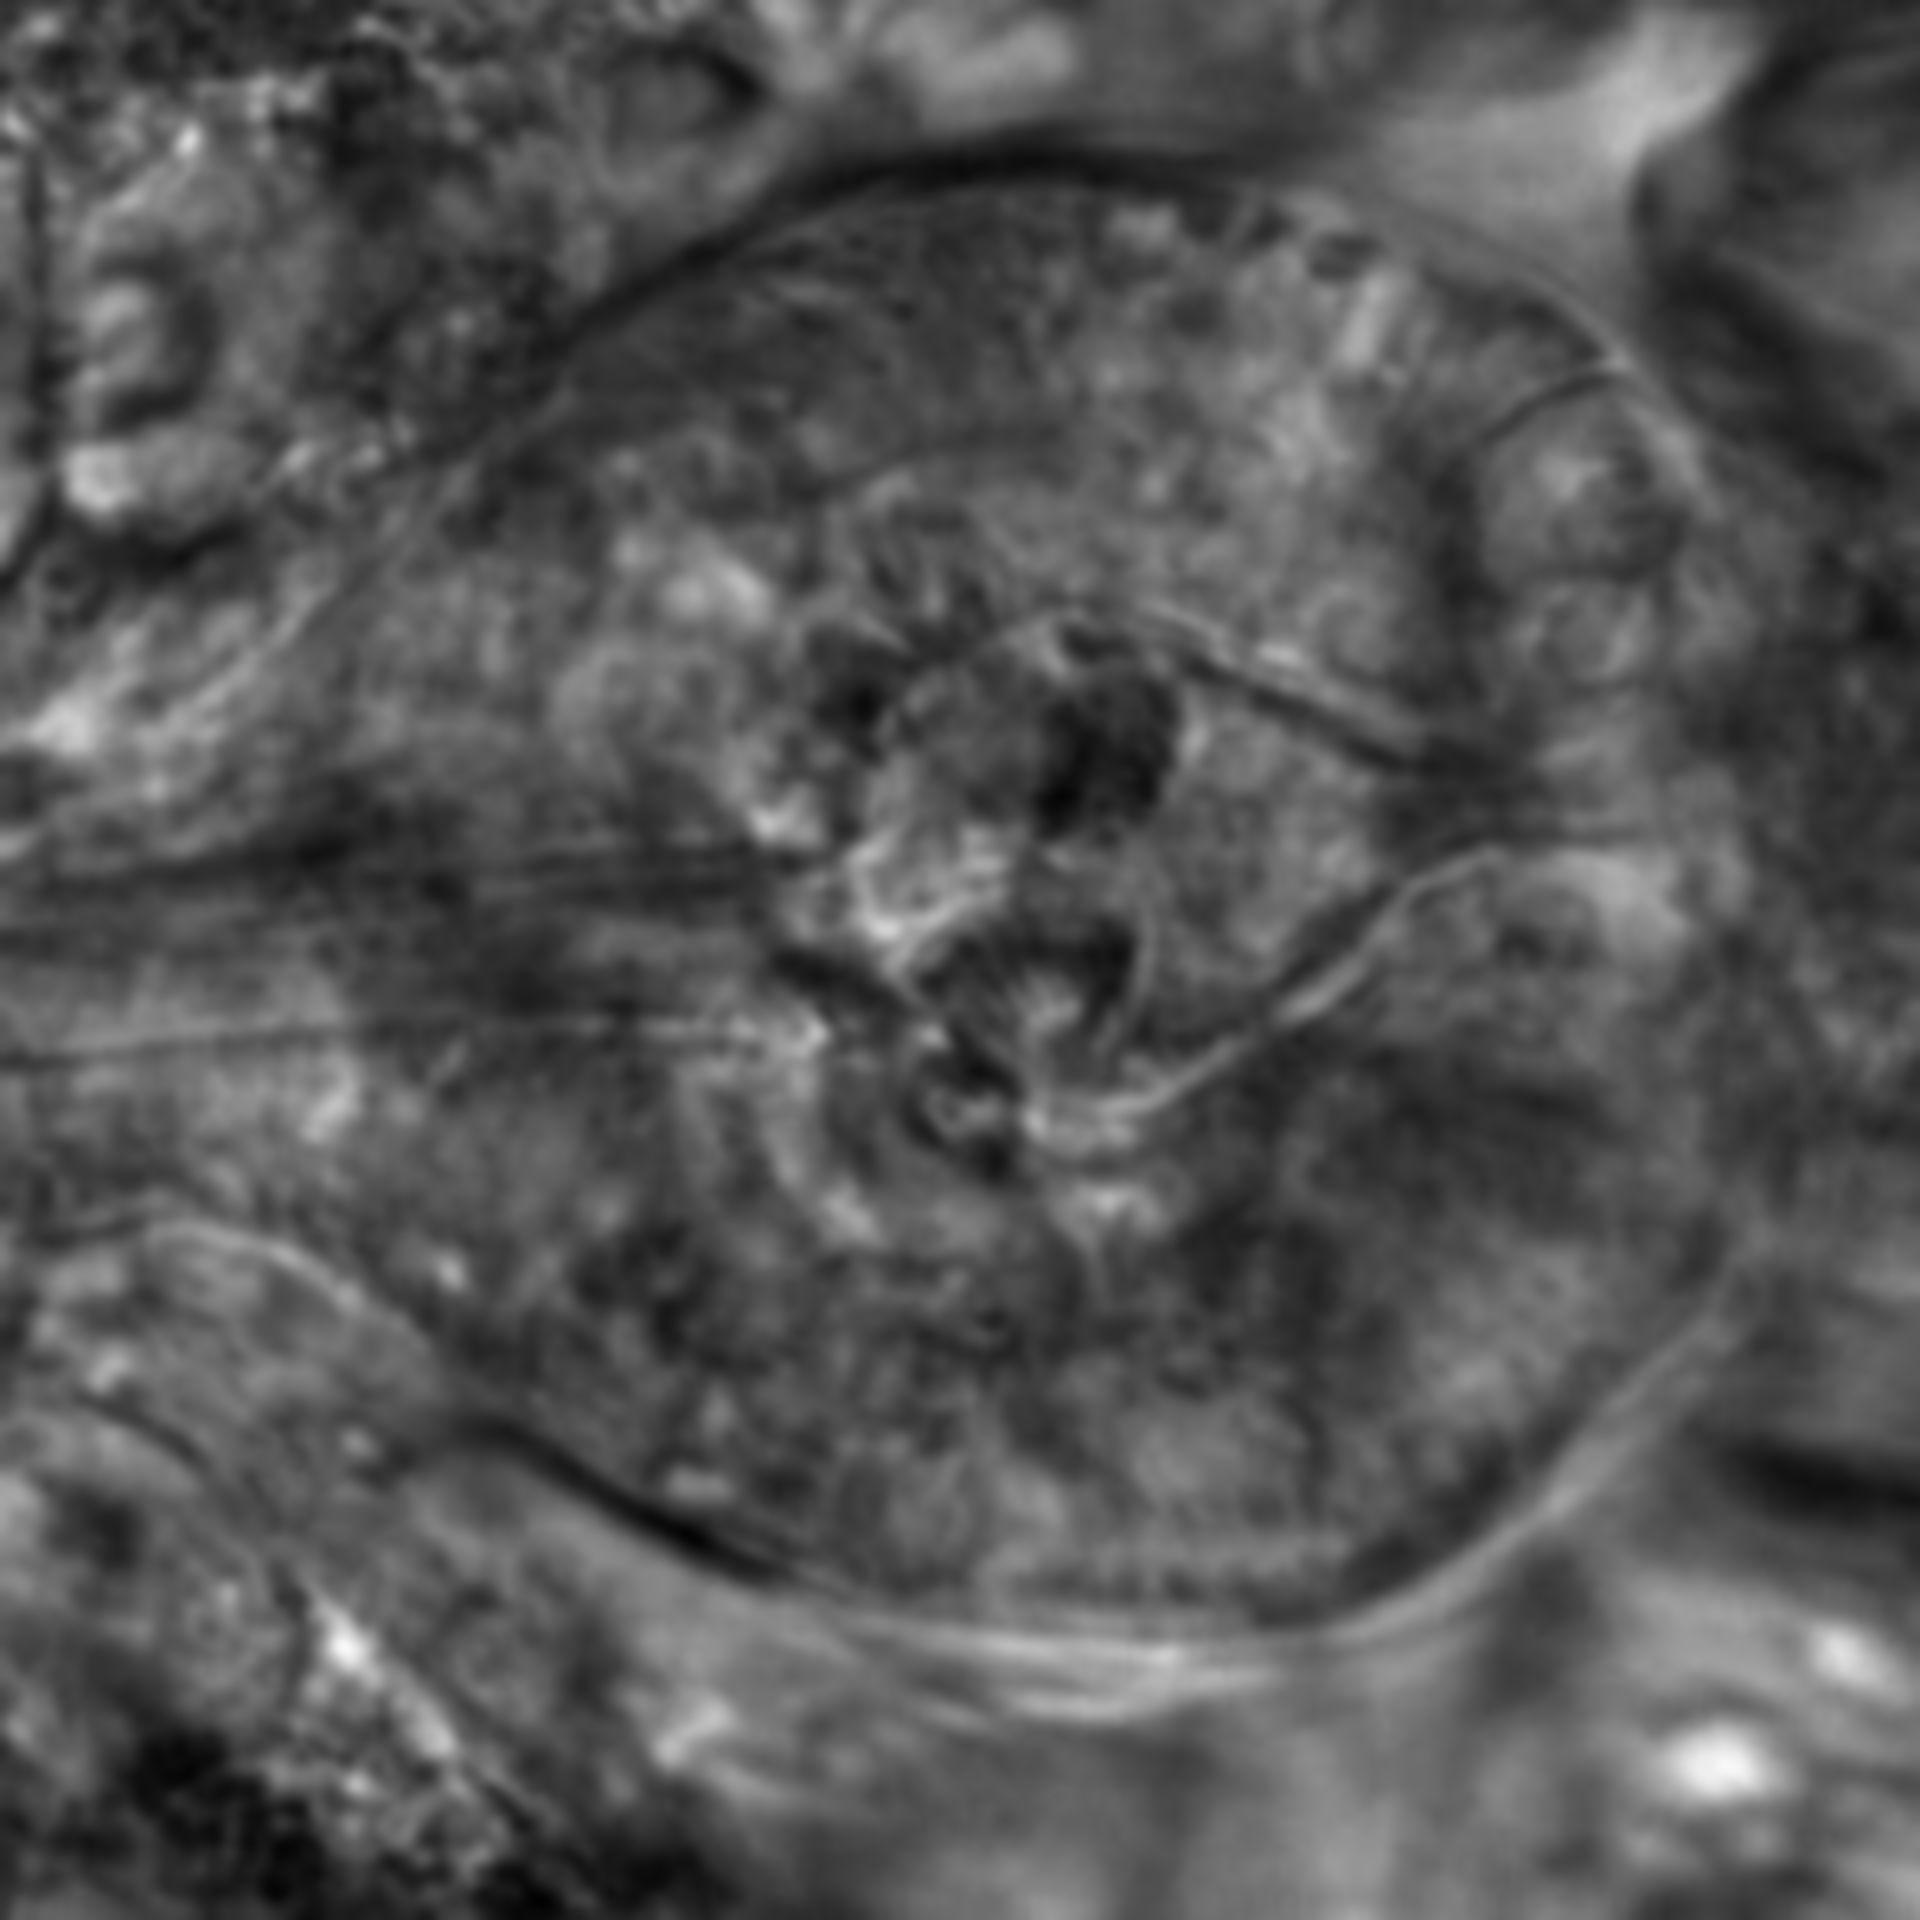 Caenorhabditis elegans - CIL:2642